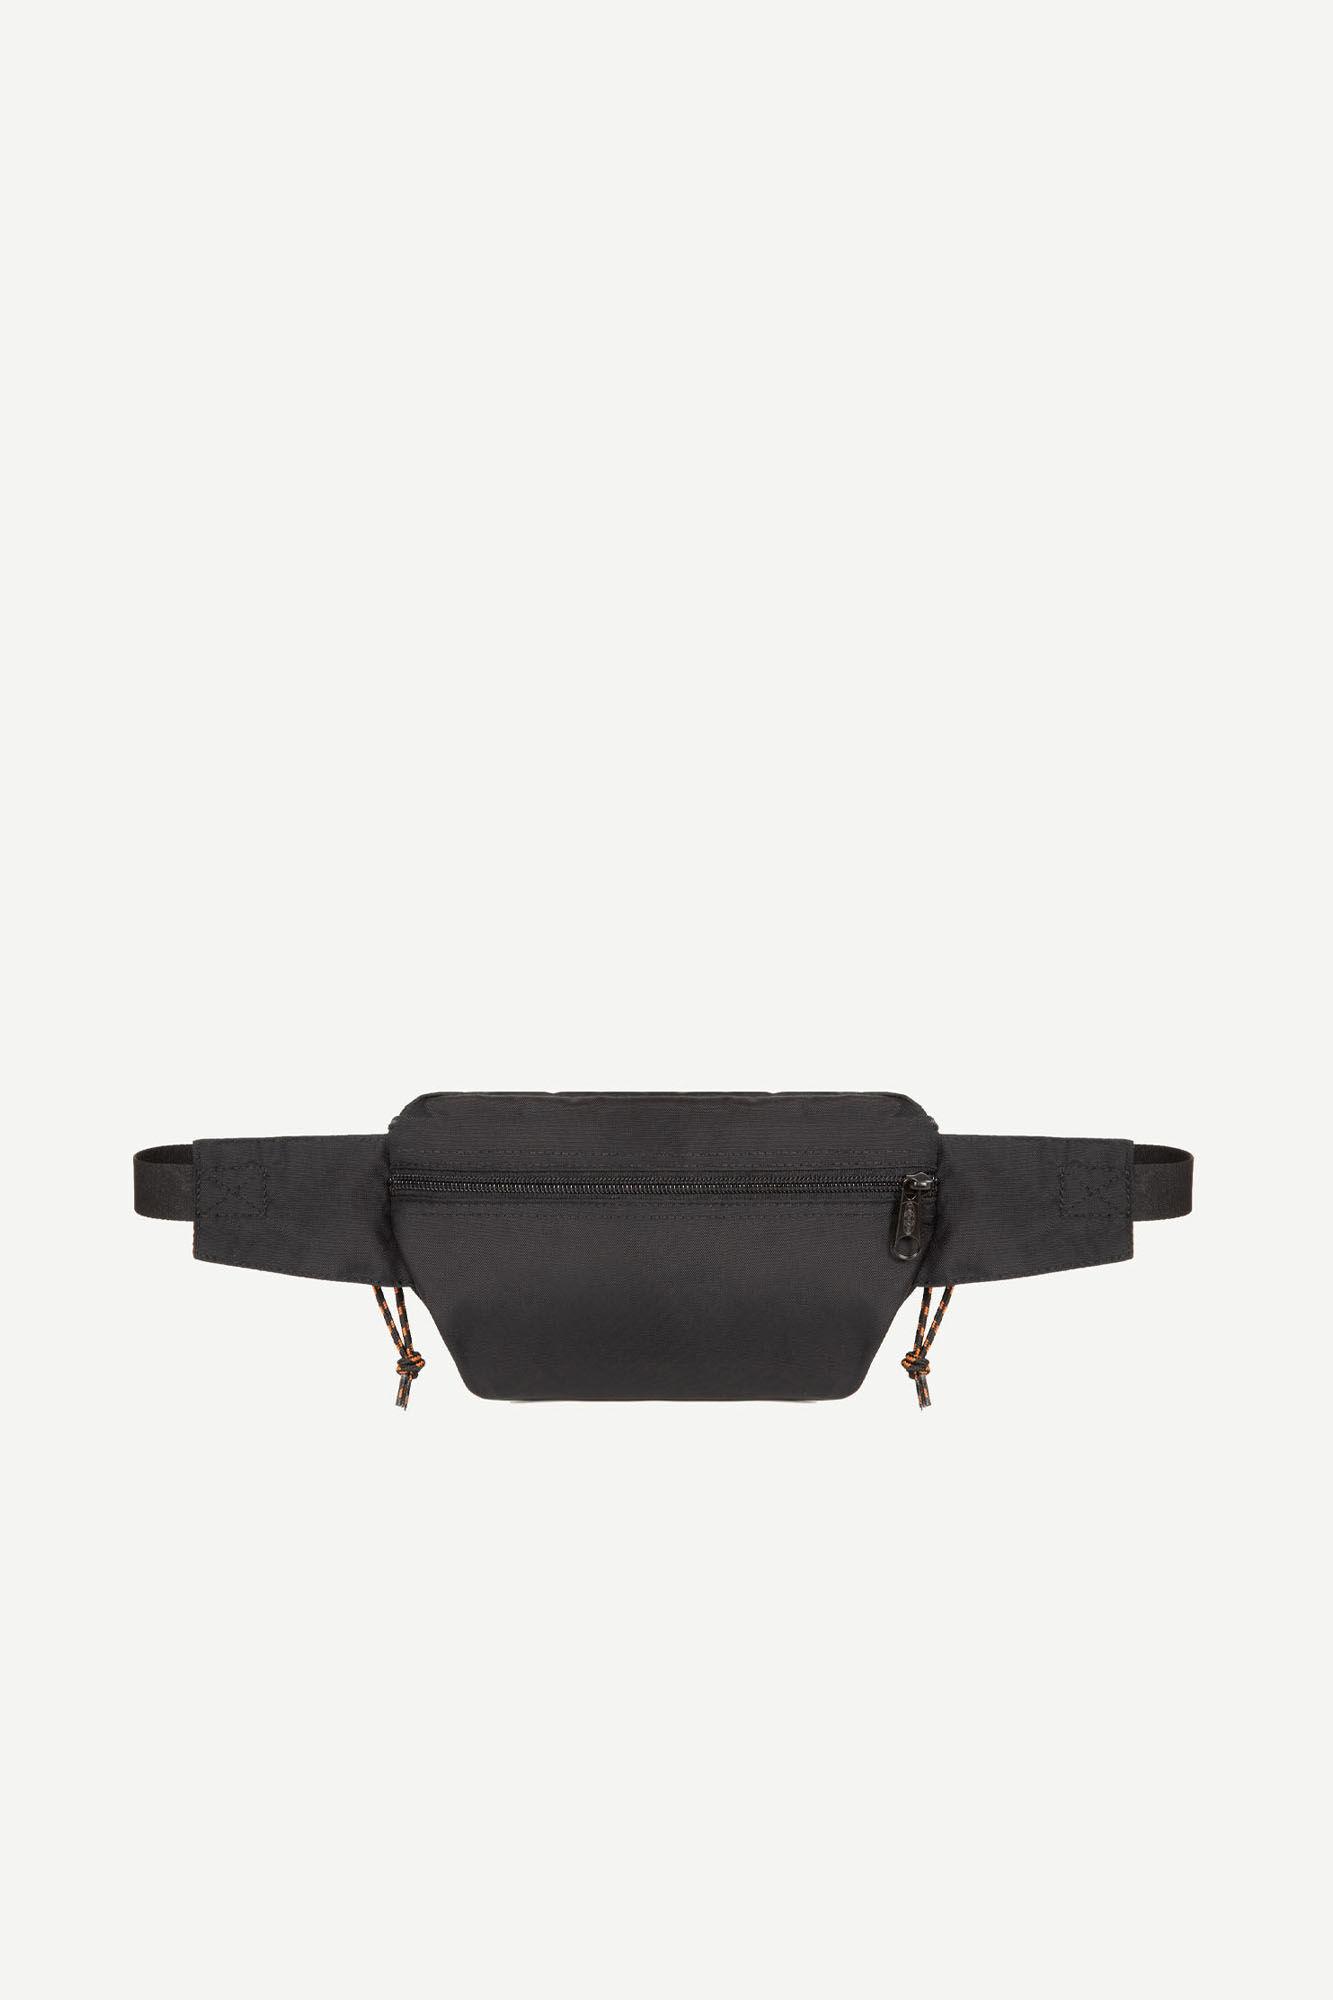 E Waist Bag 13052